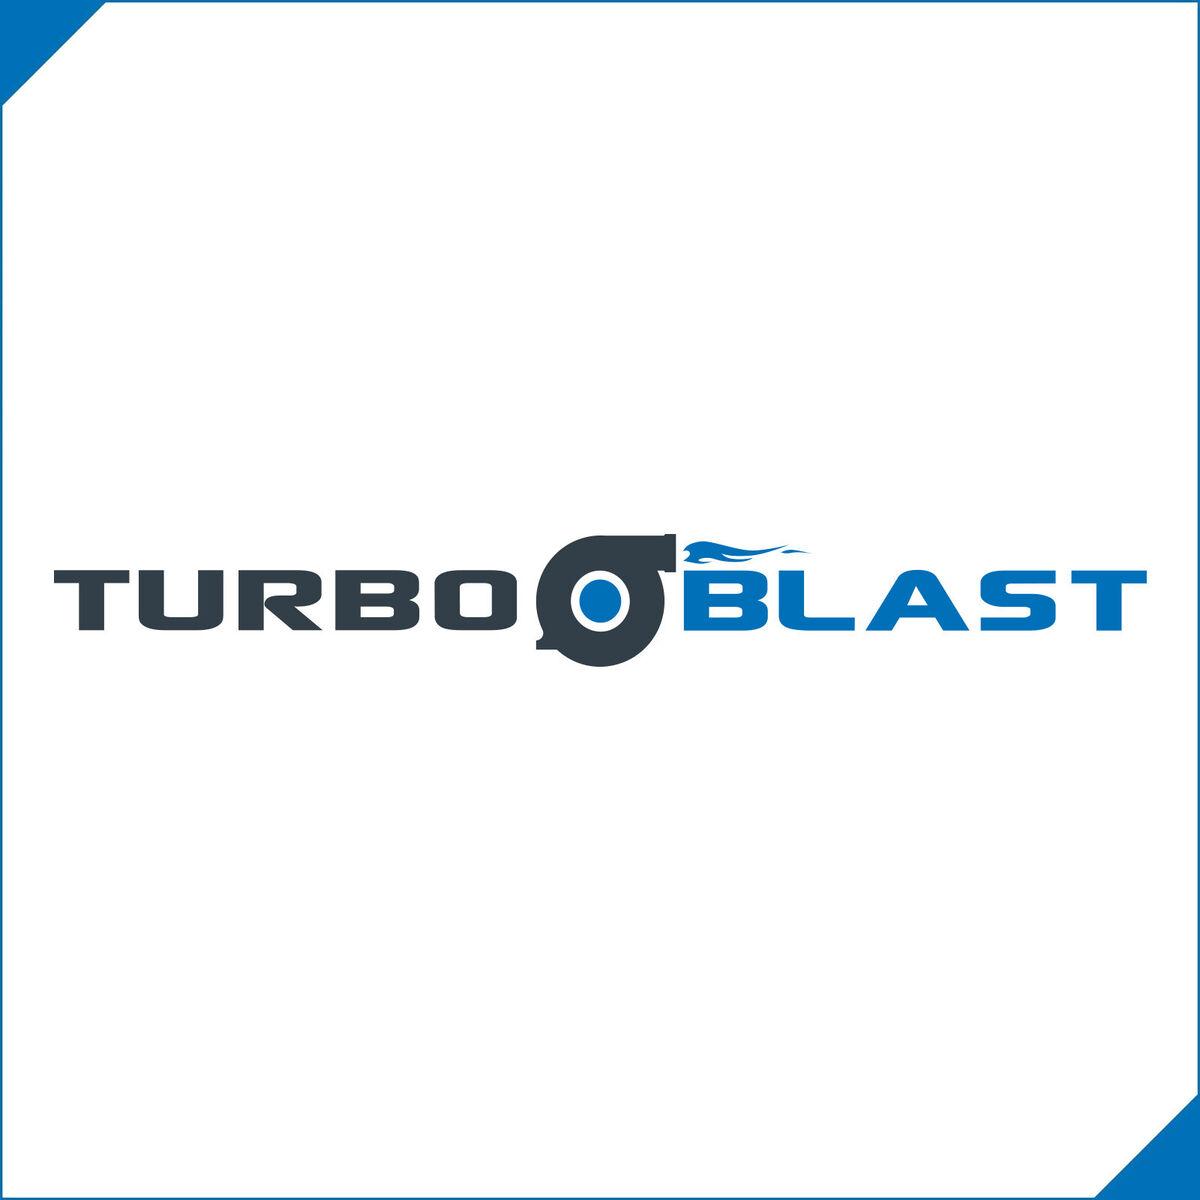 TURBO-BLAST